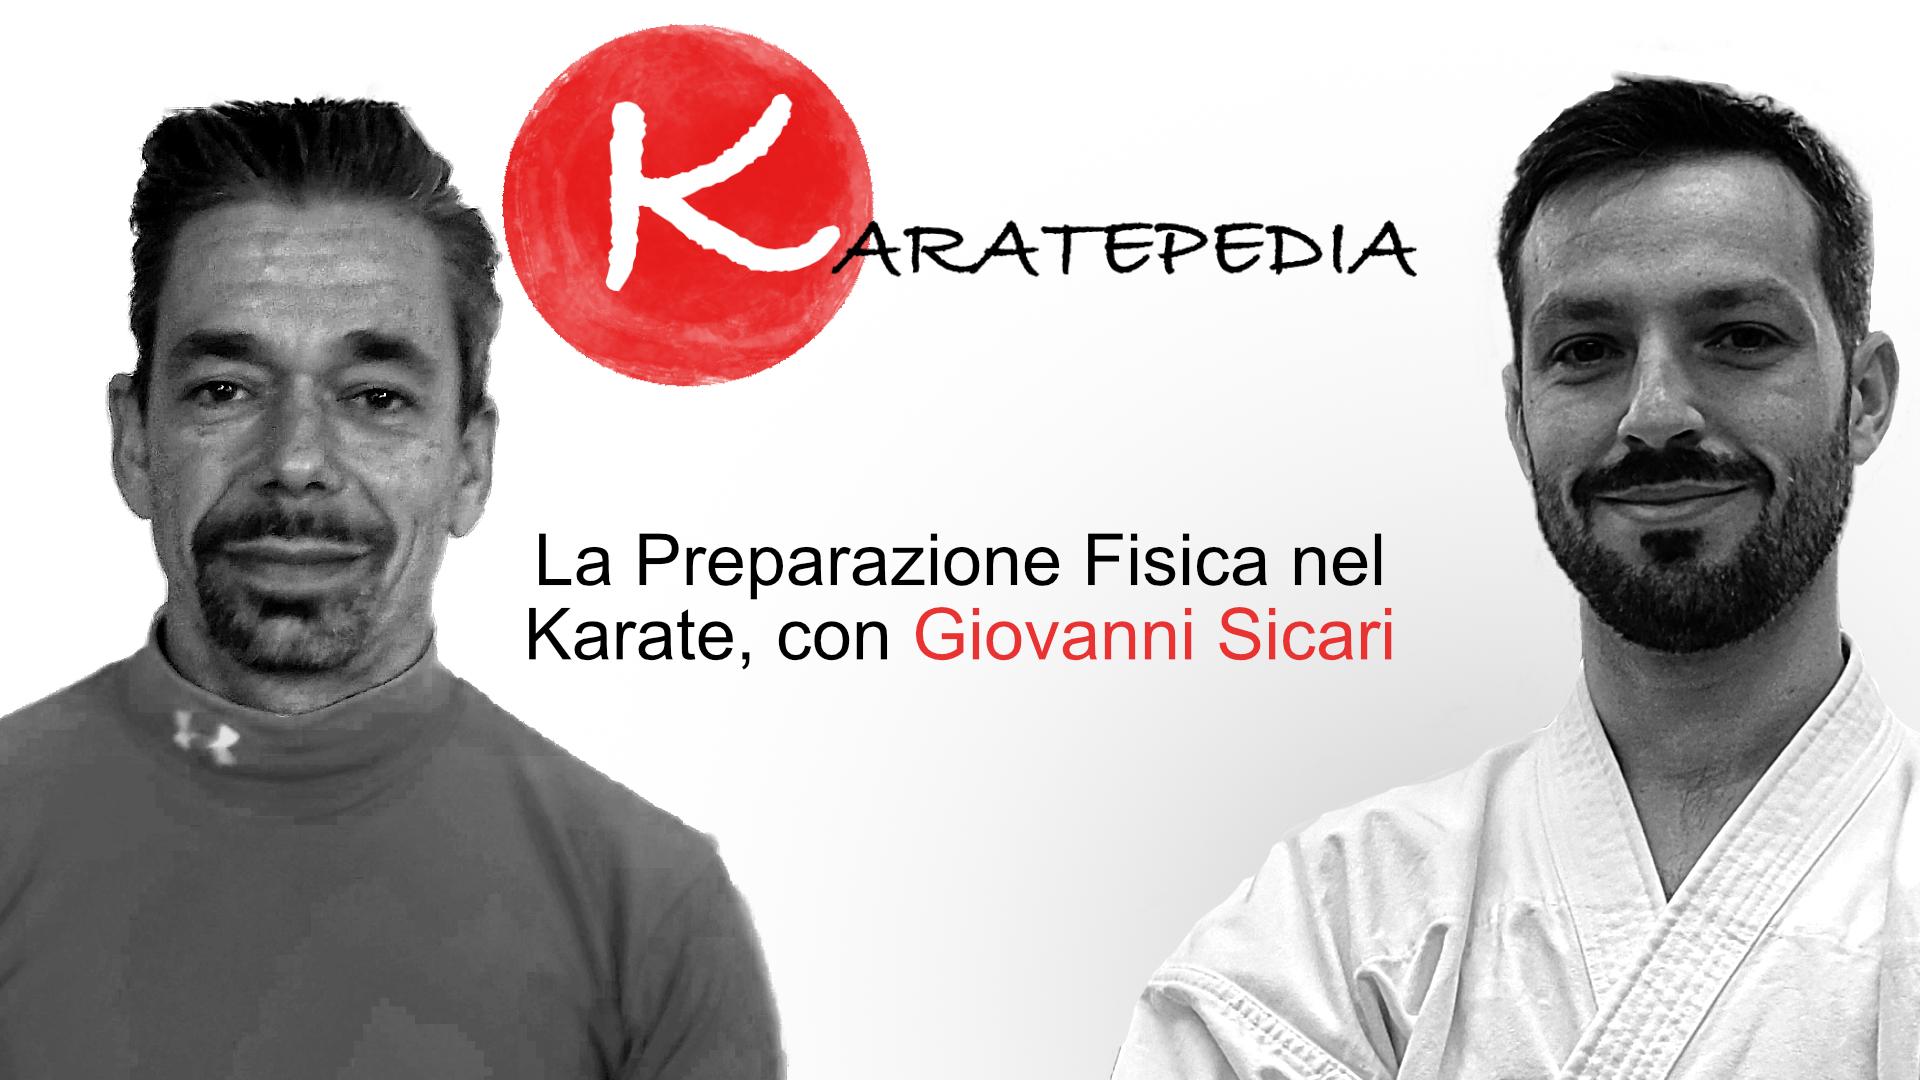 La preparazione Fisica nel karate